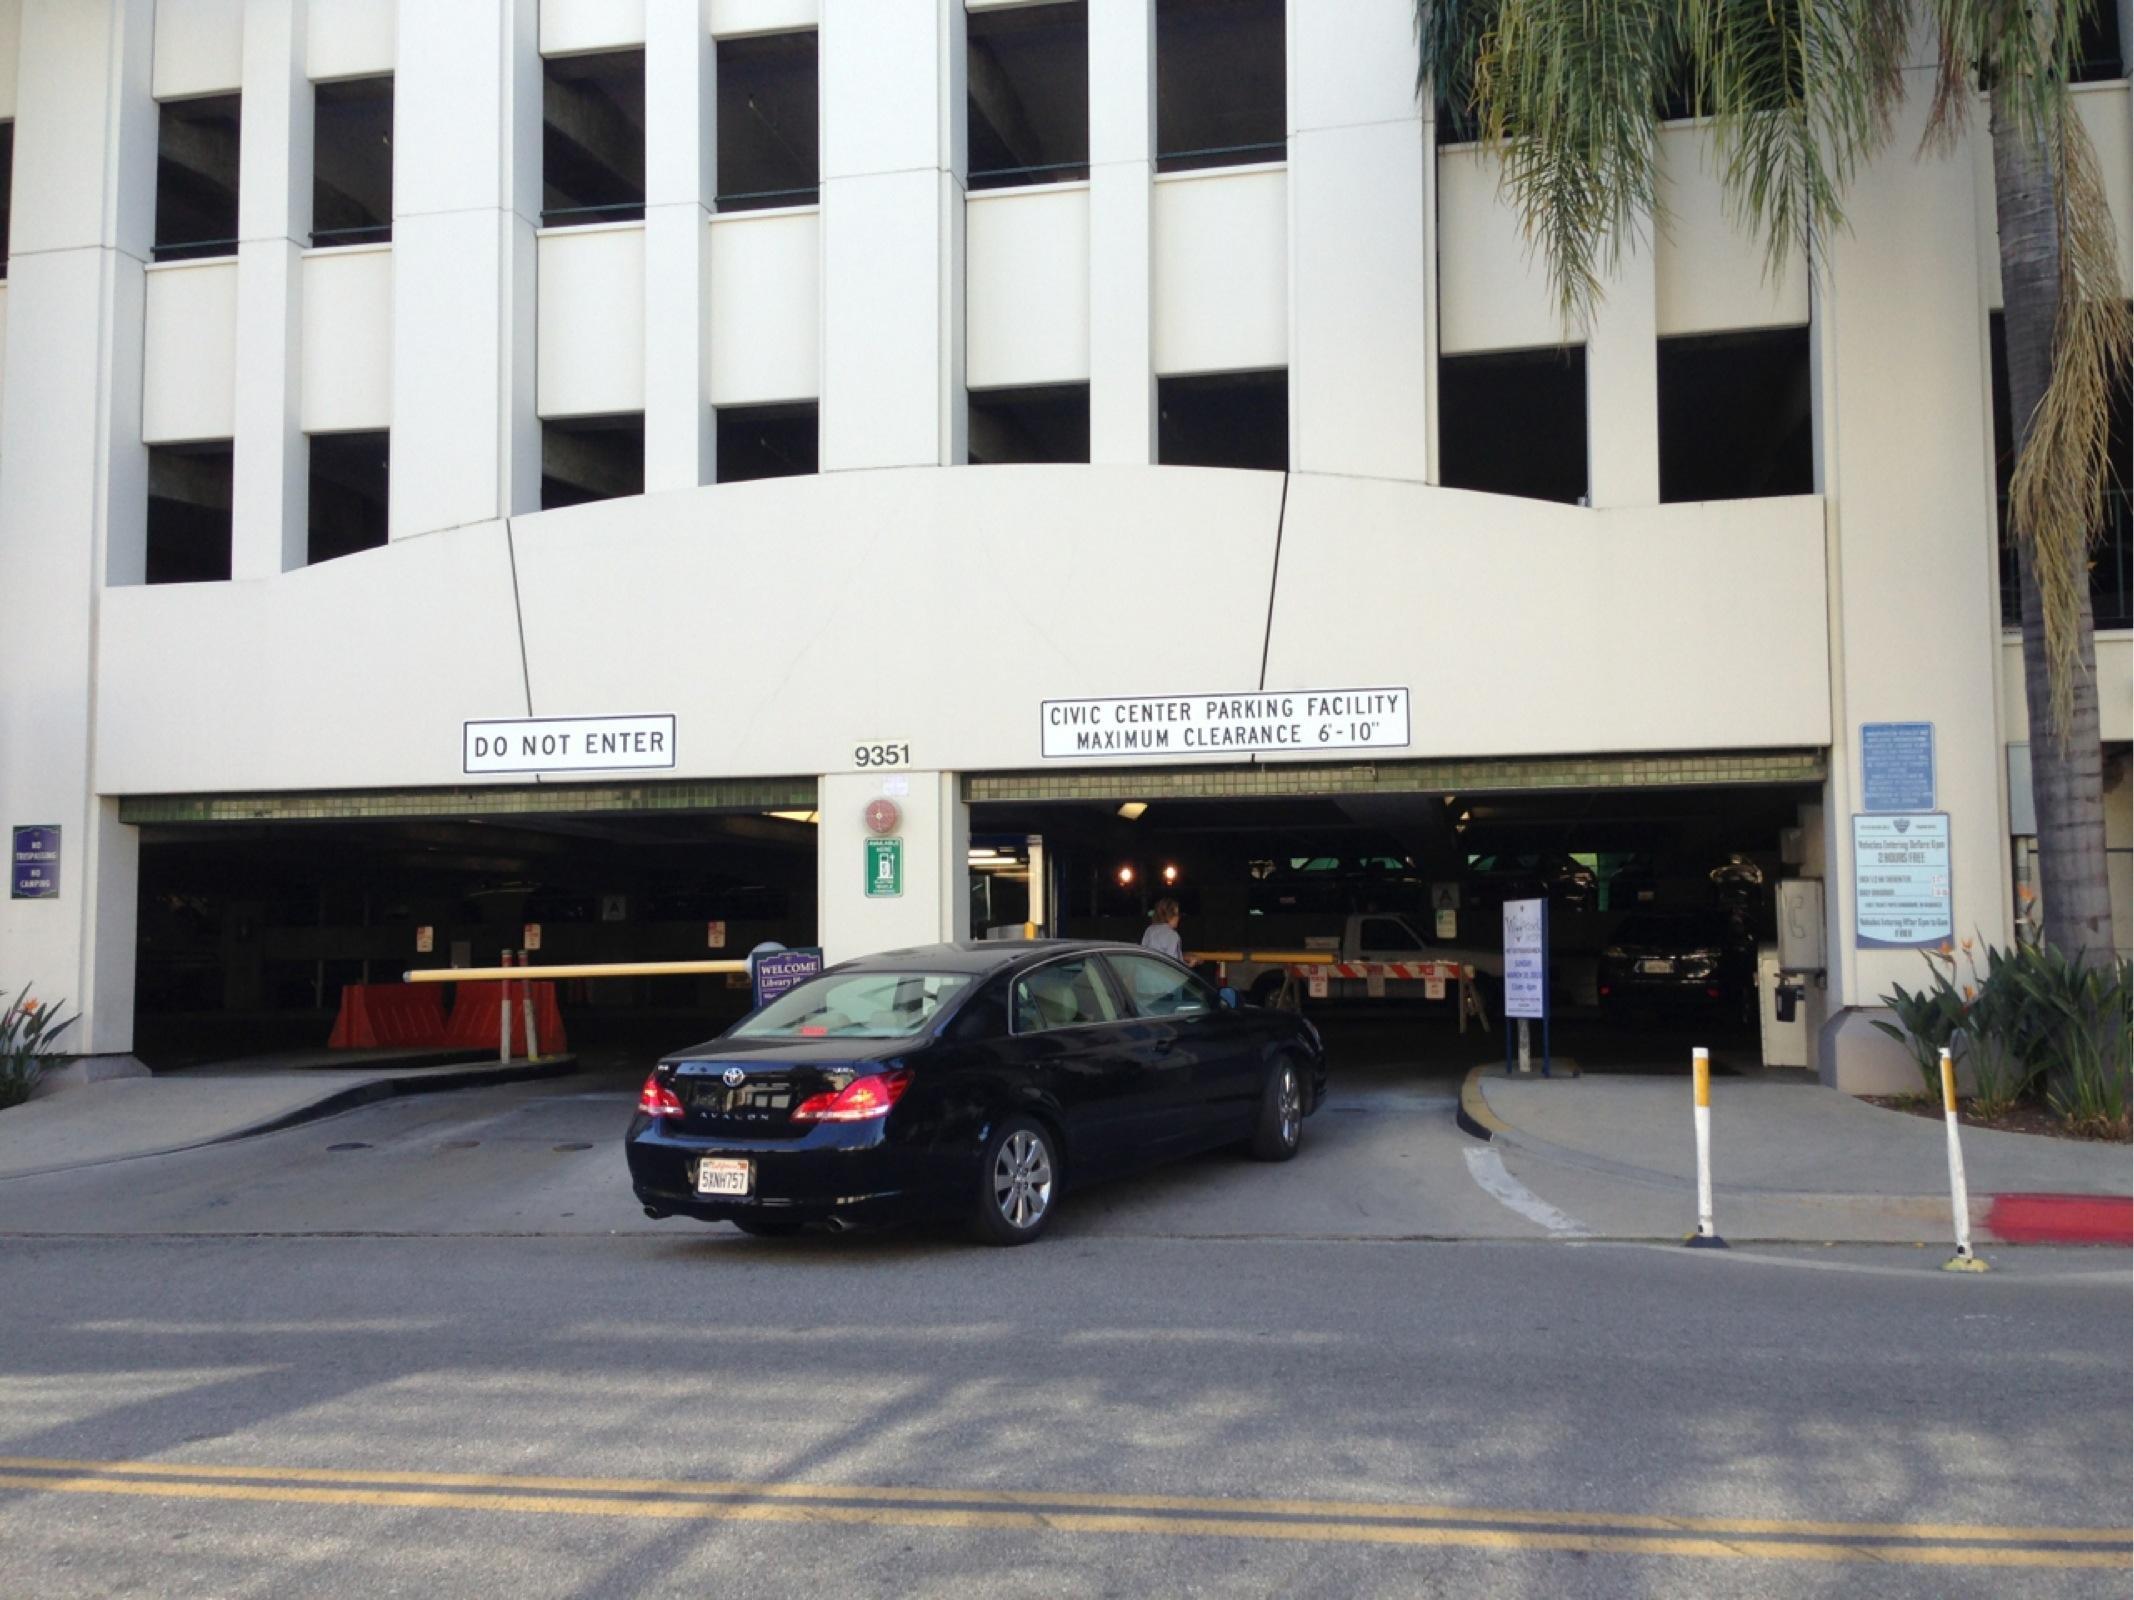 Civic Center Garage: 359 Civic Center Dr Garage - Parking In Beverly Hills